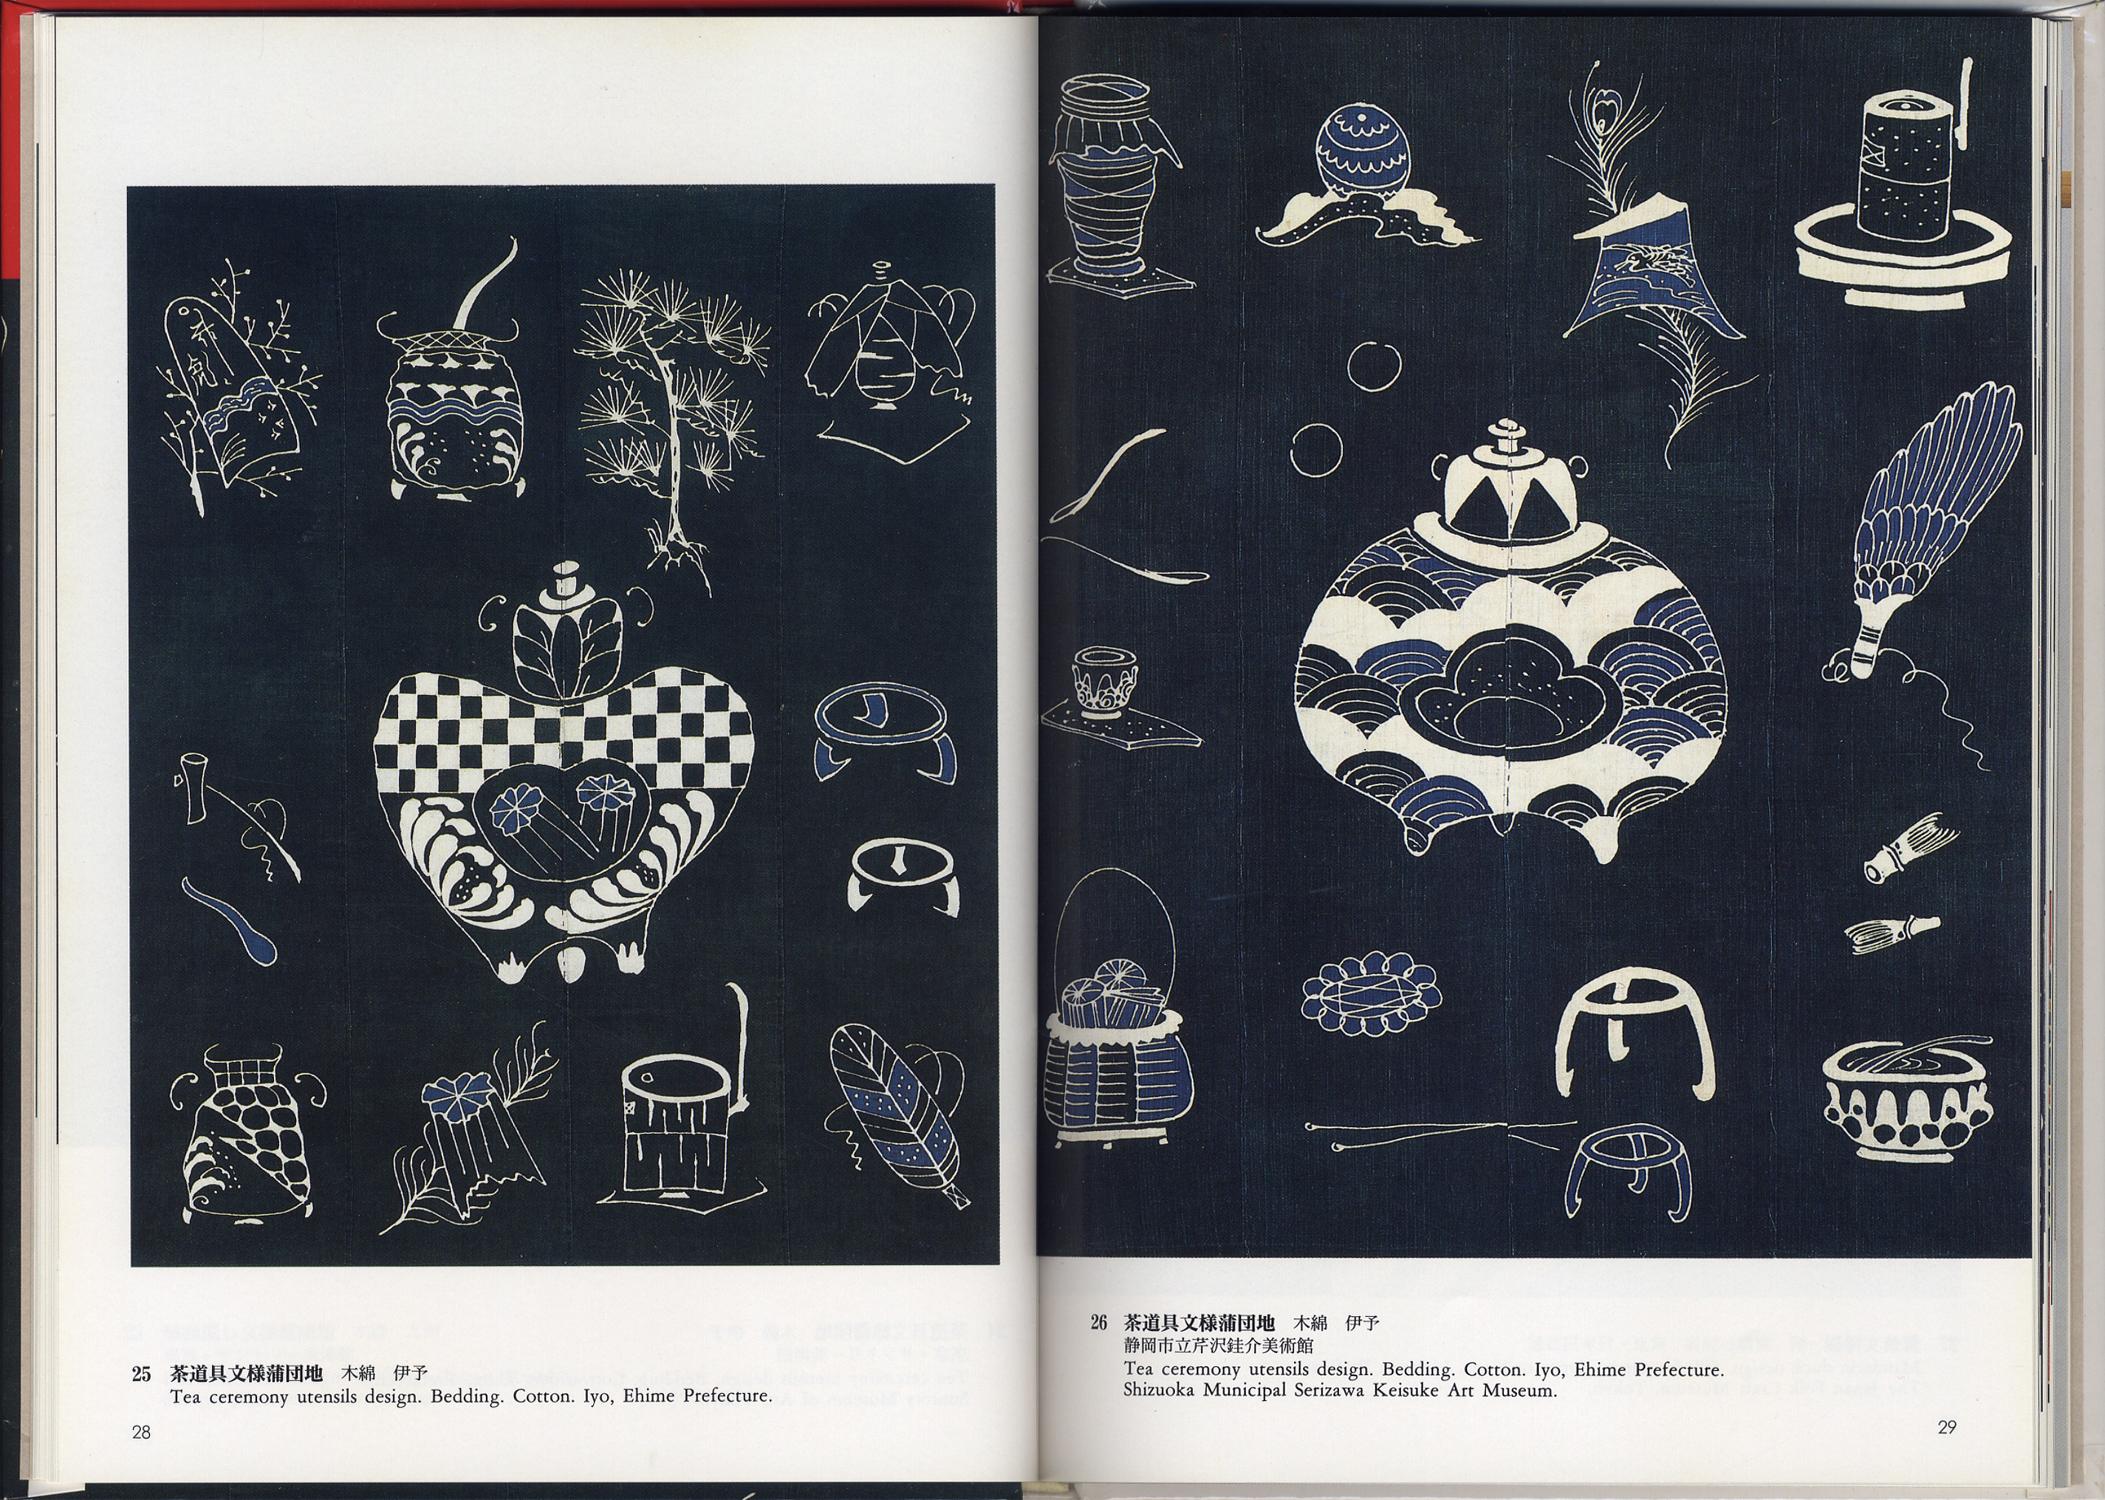 筒描 Tsutsugaki Textiles 日本の染織14[image2]